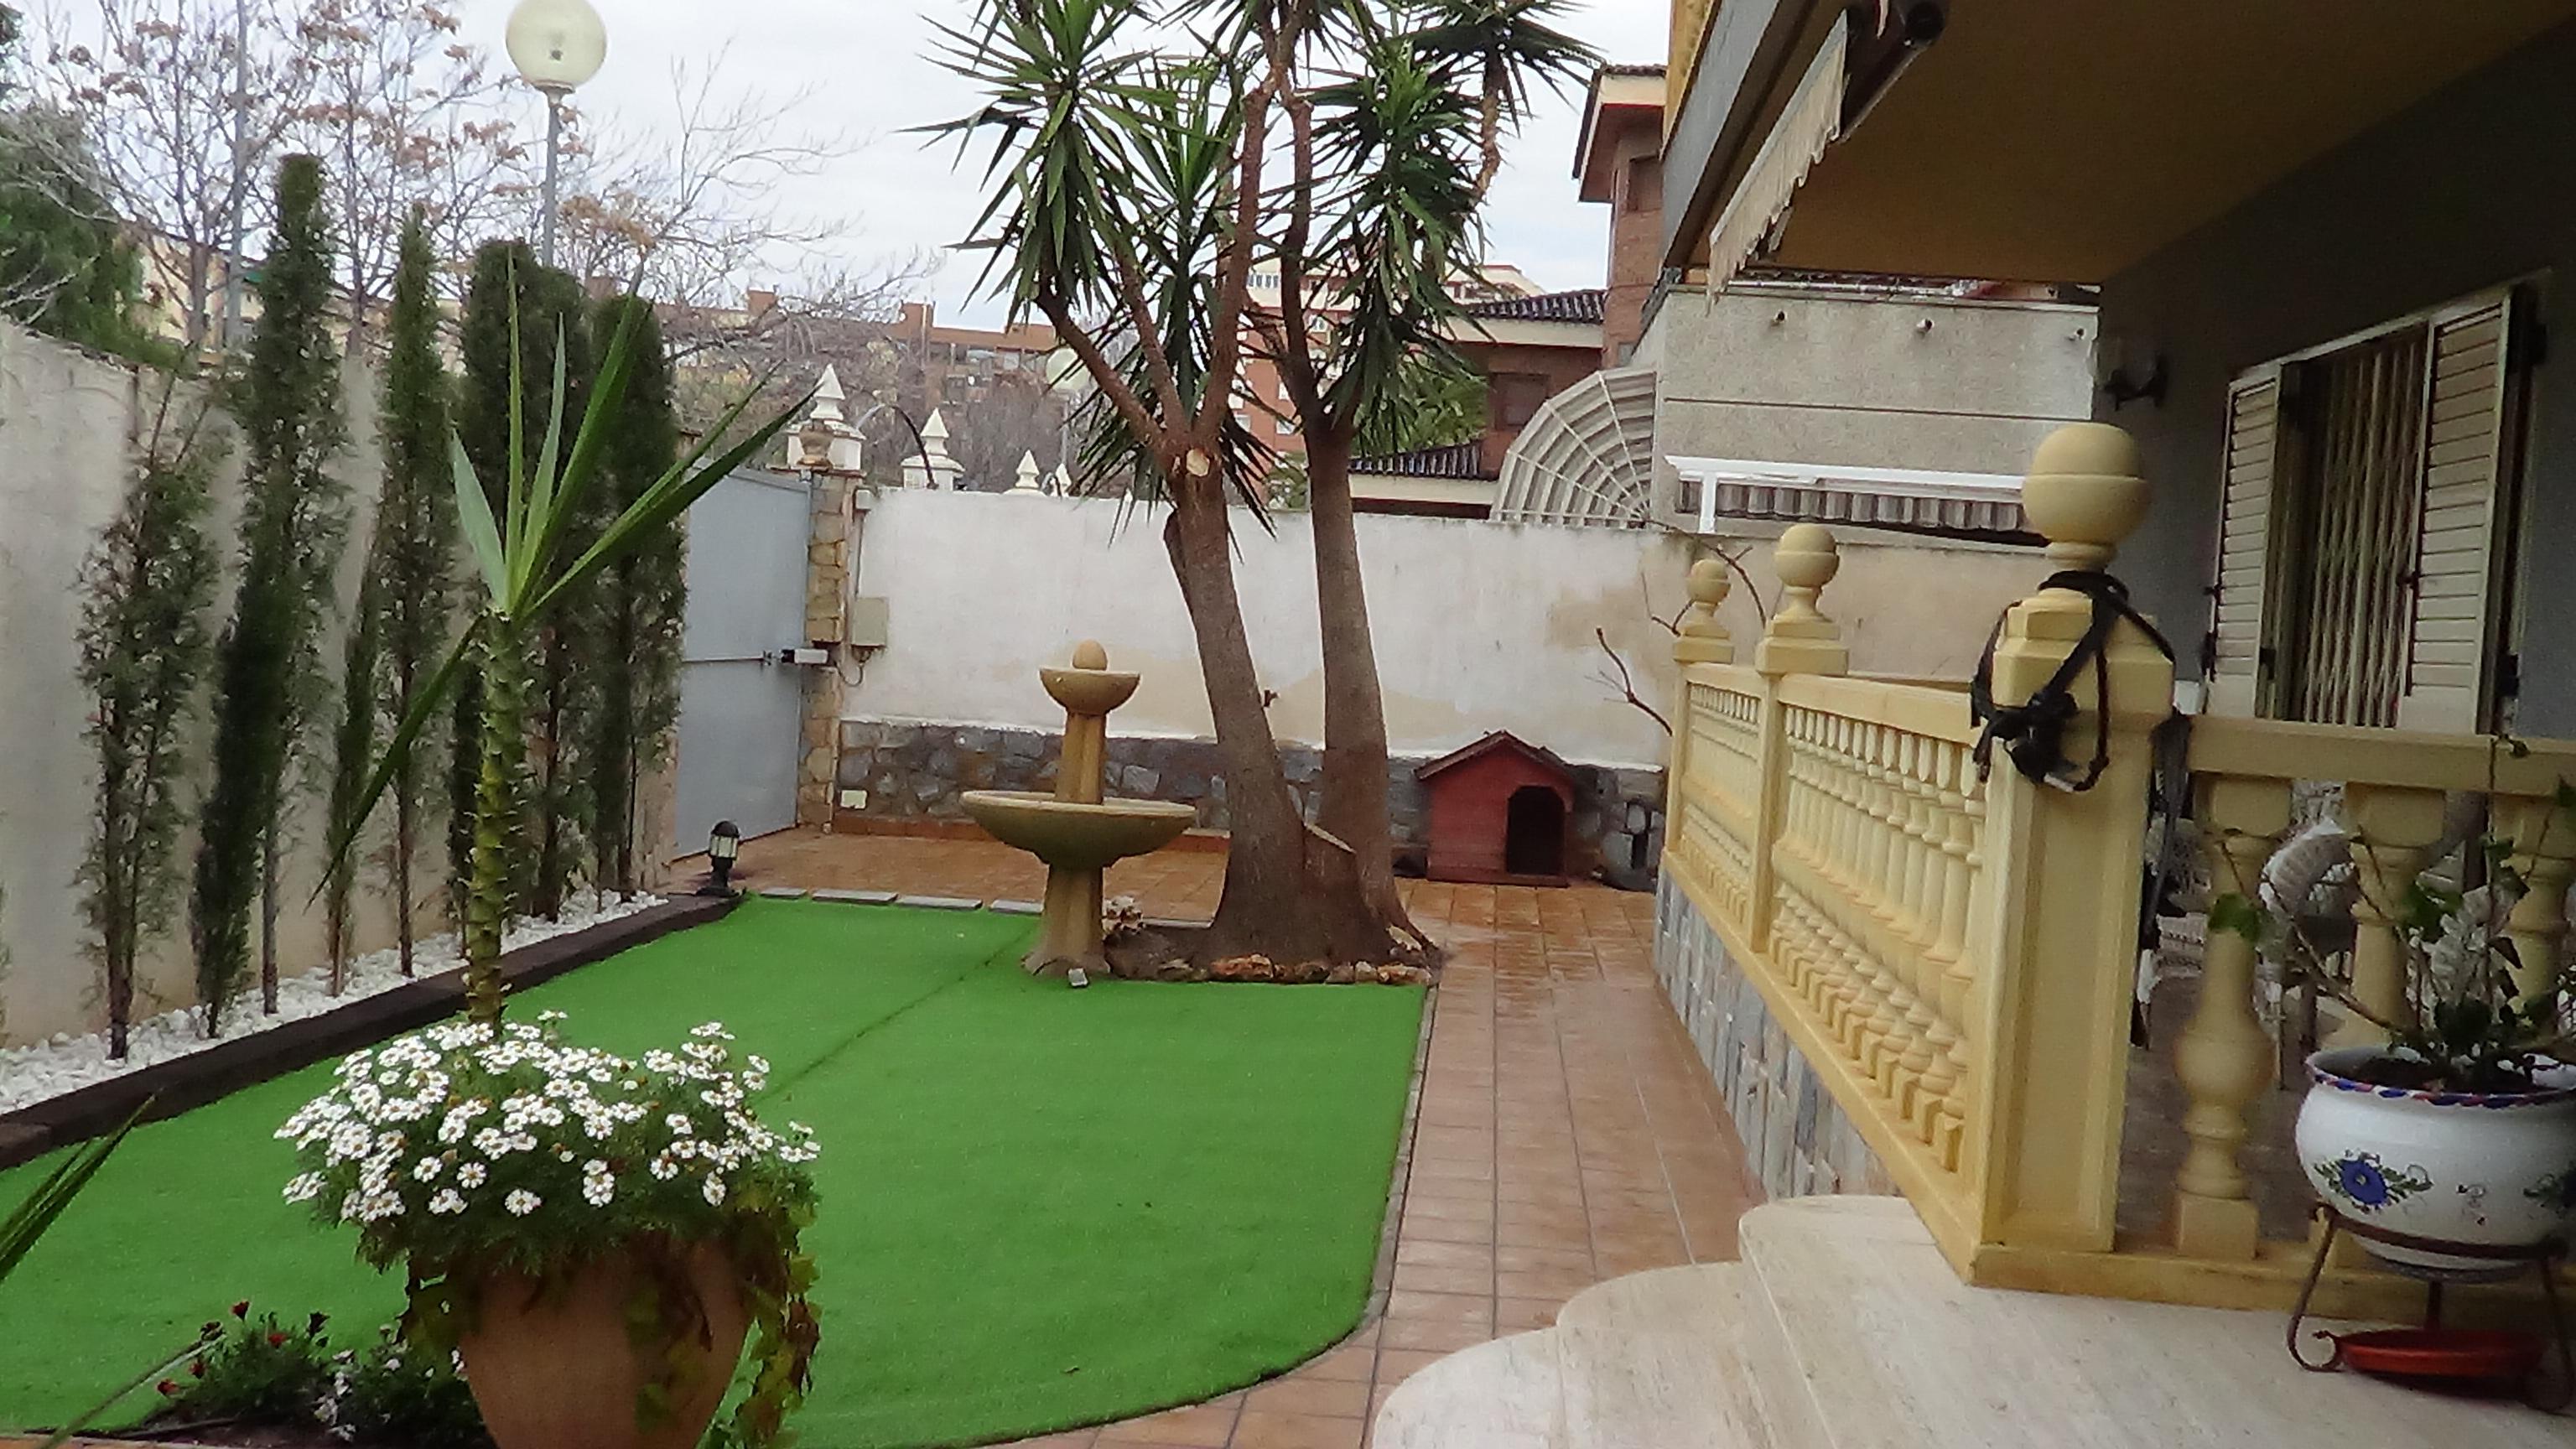 Imagen 3 Casa Aislada en venta en Elda / Ciudad Vergel de Elda, zona residencial Urbana.